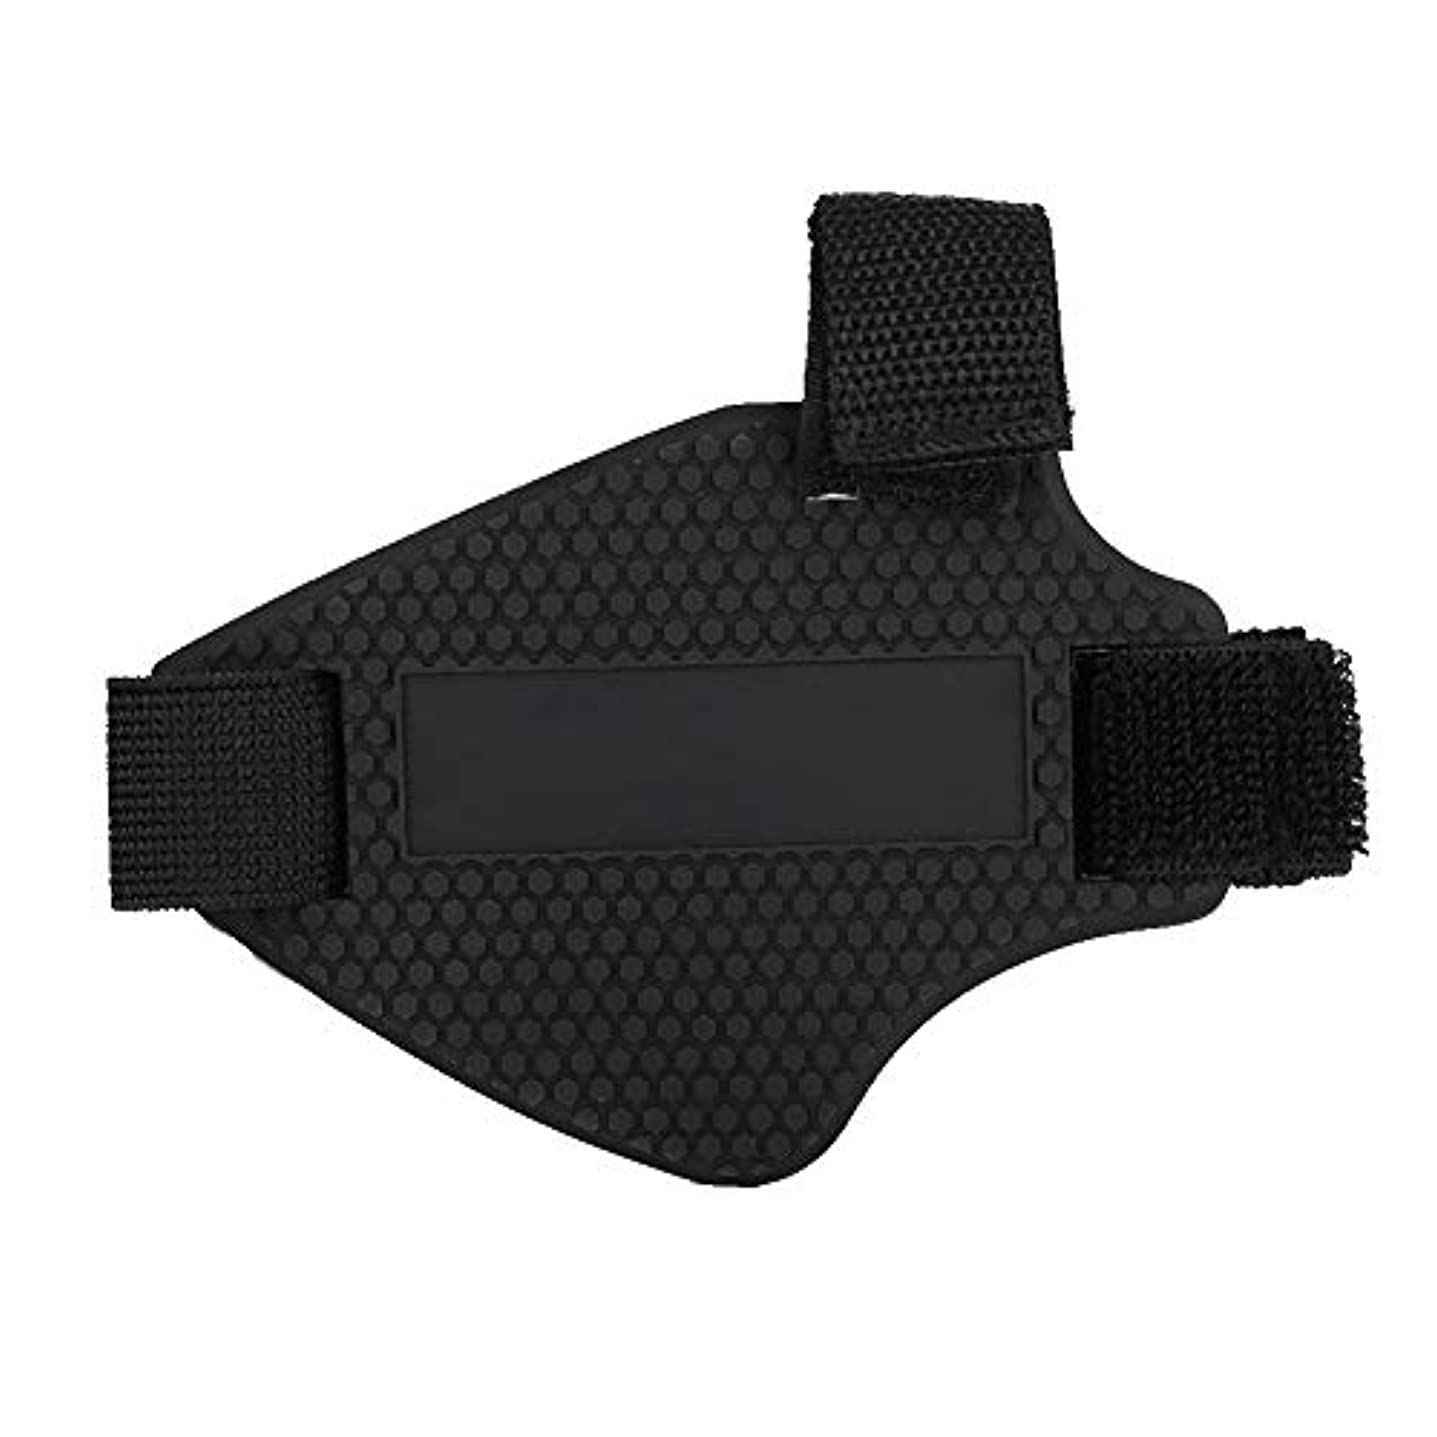 健康的透けて見える不確実オートバイシフトパッド、ゴム製オートバイシューズブーツカバープロテクターシフトガードギア保護シフトパッド、ブラック